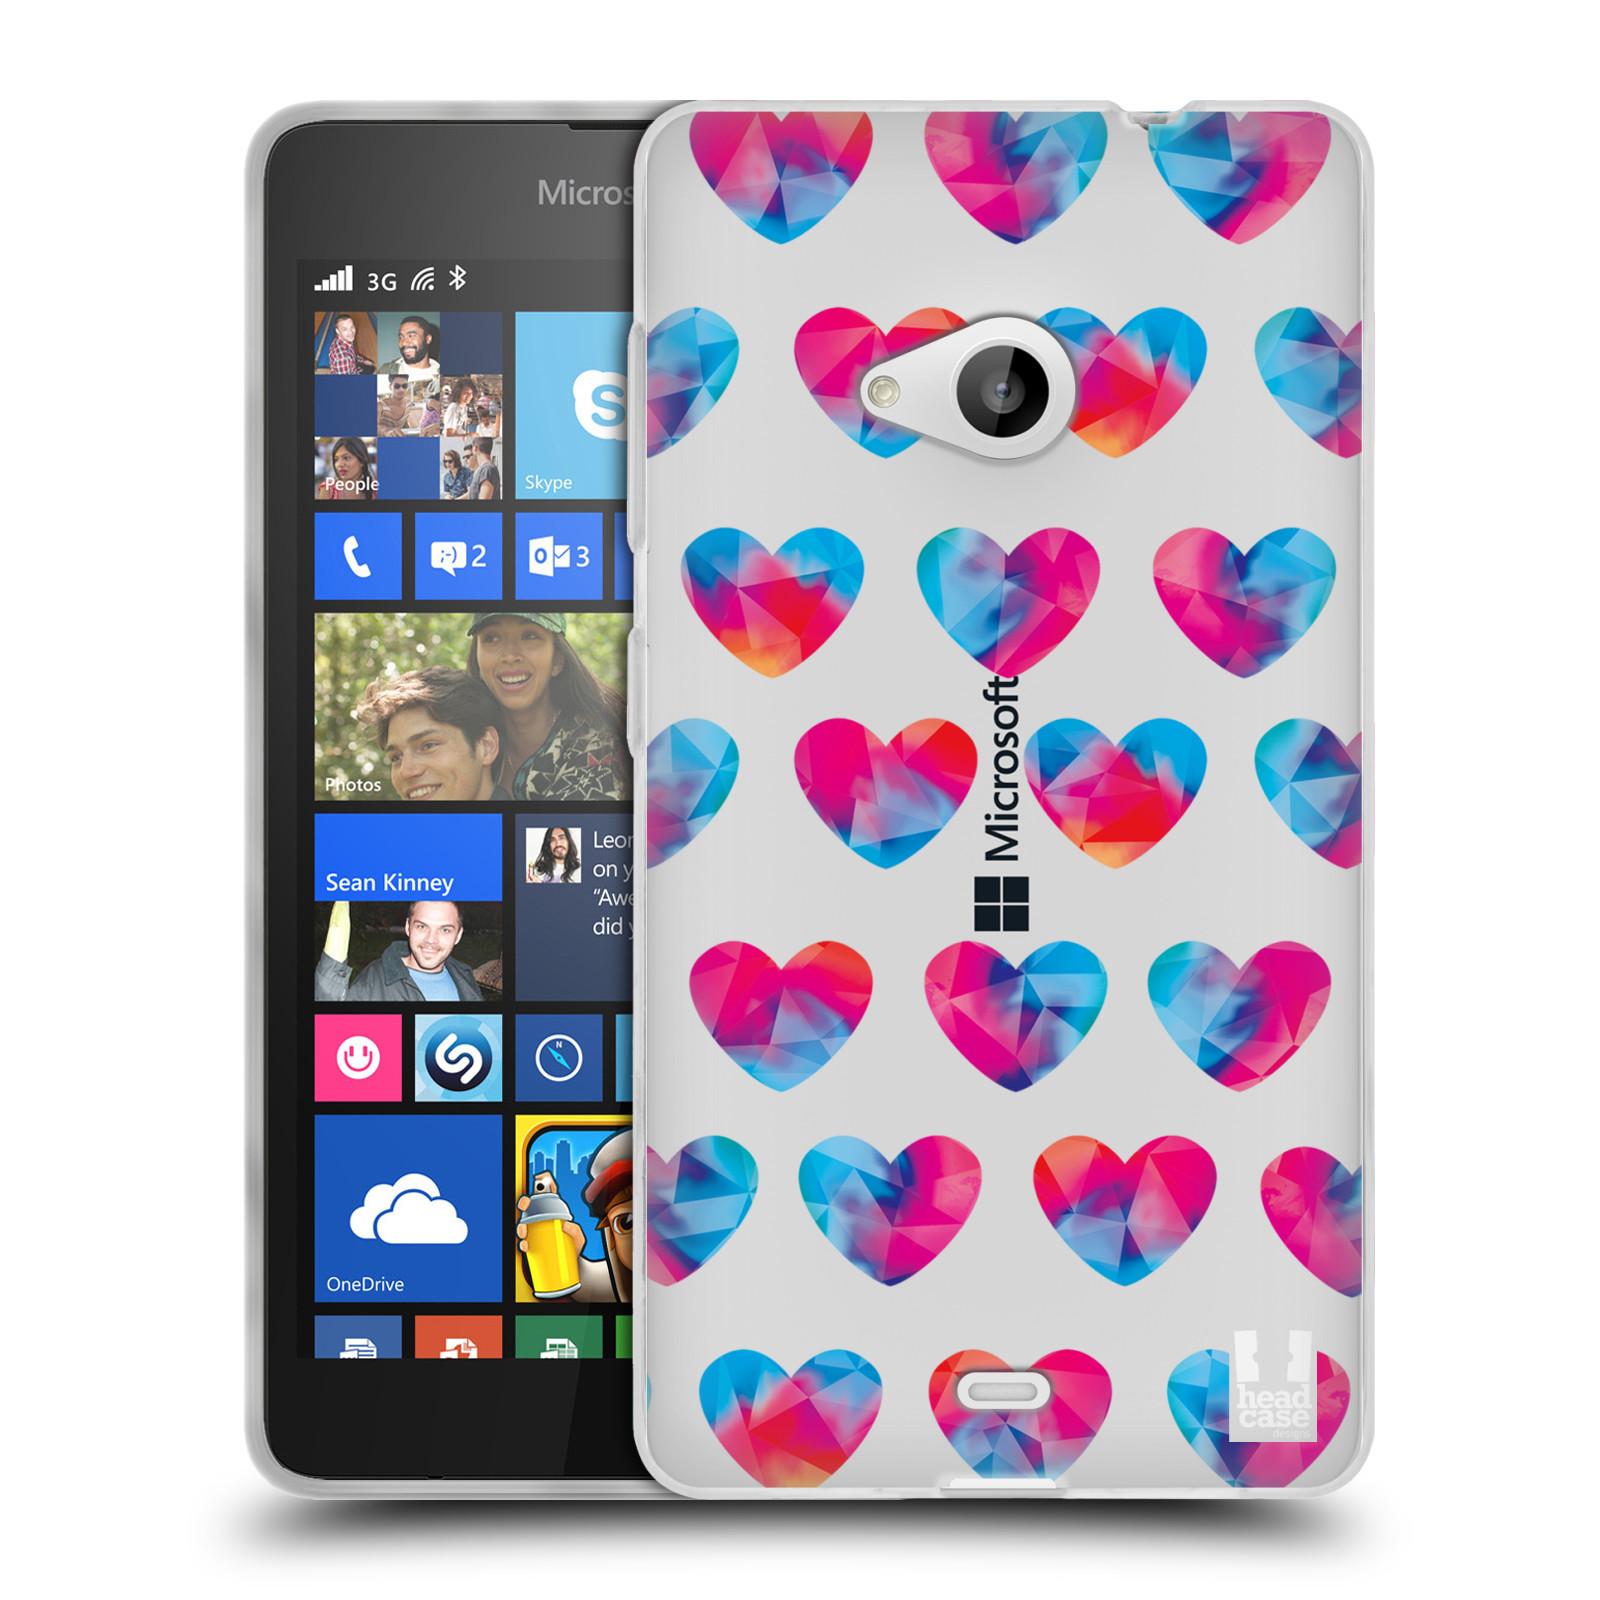 Silikonové pouzdro na mobil Microsoft Lumia 535 - Head Case - Srdíčka hrající barvami